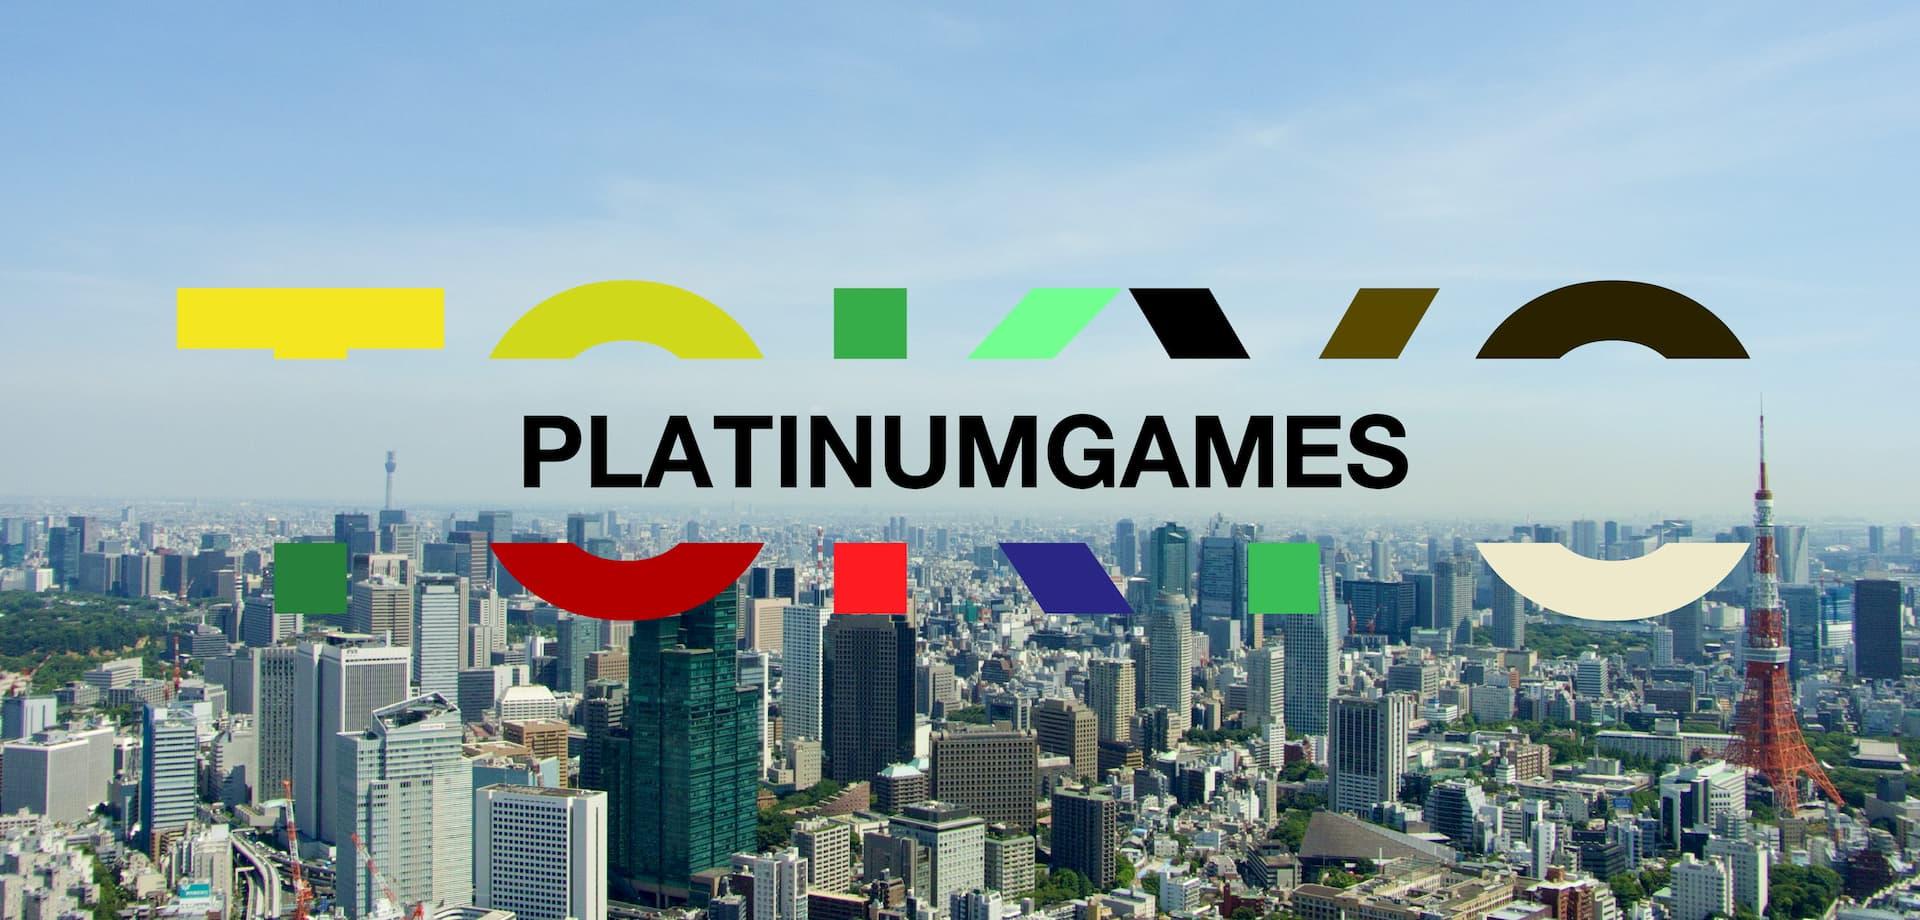 Platinum Games abre un nuevo estudio para juegos como servicio 2